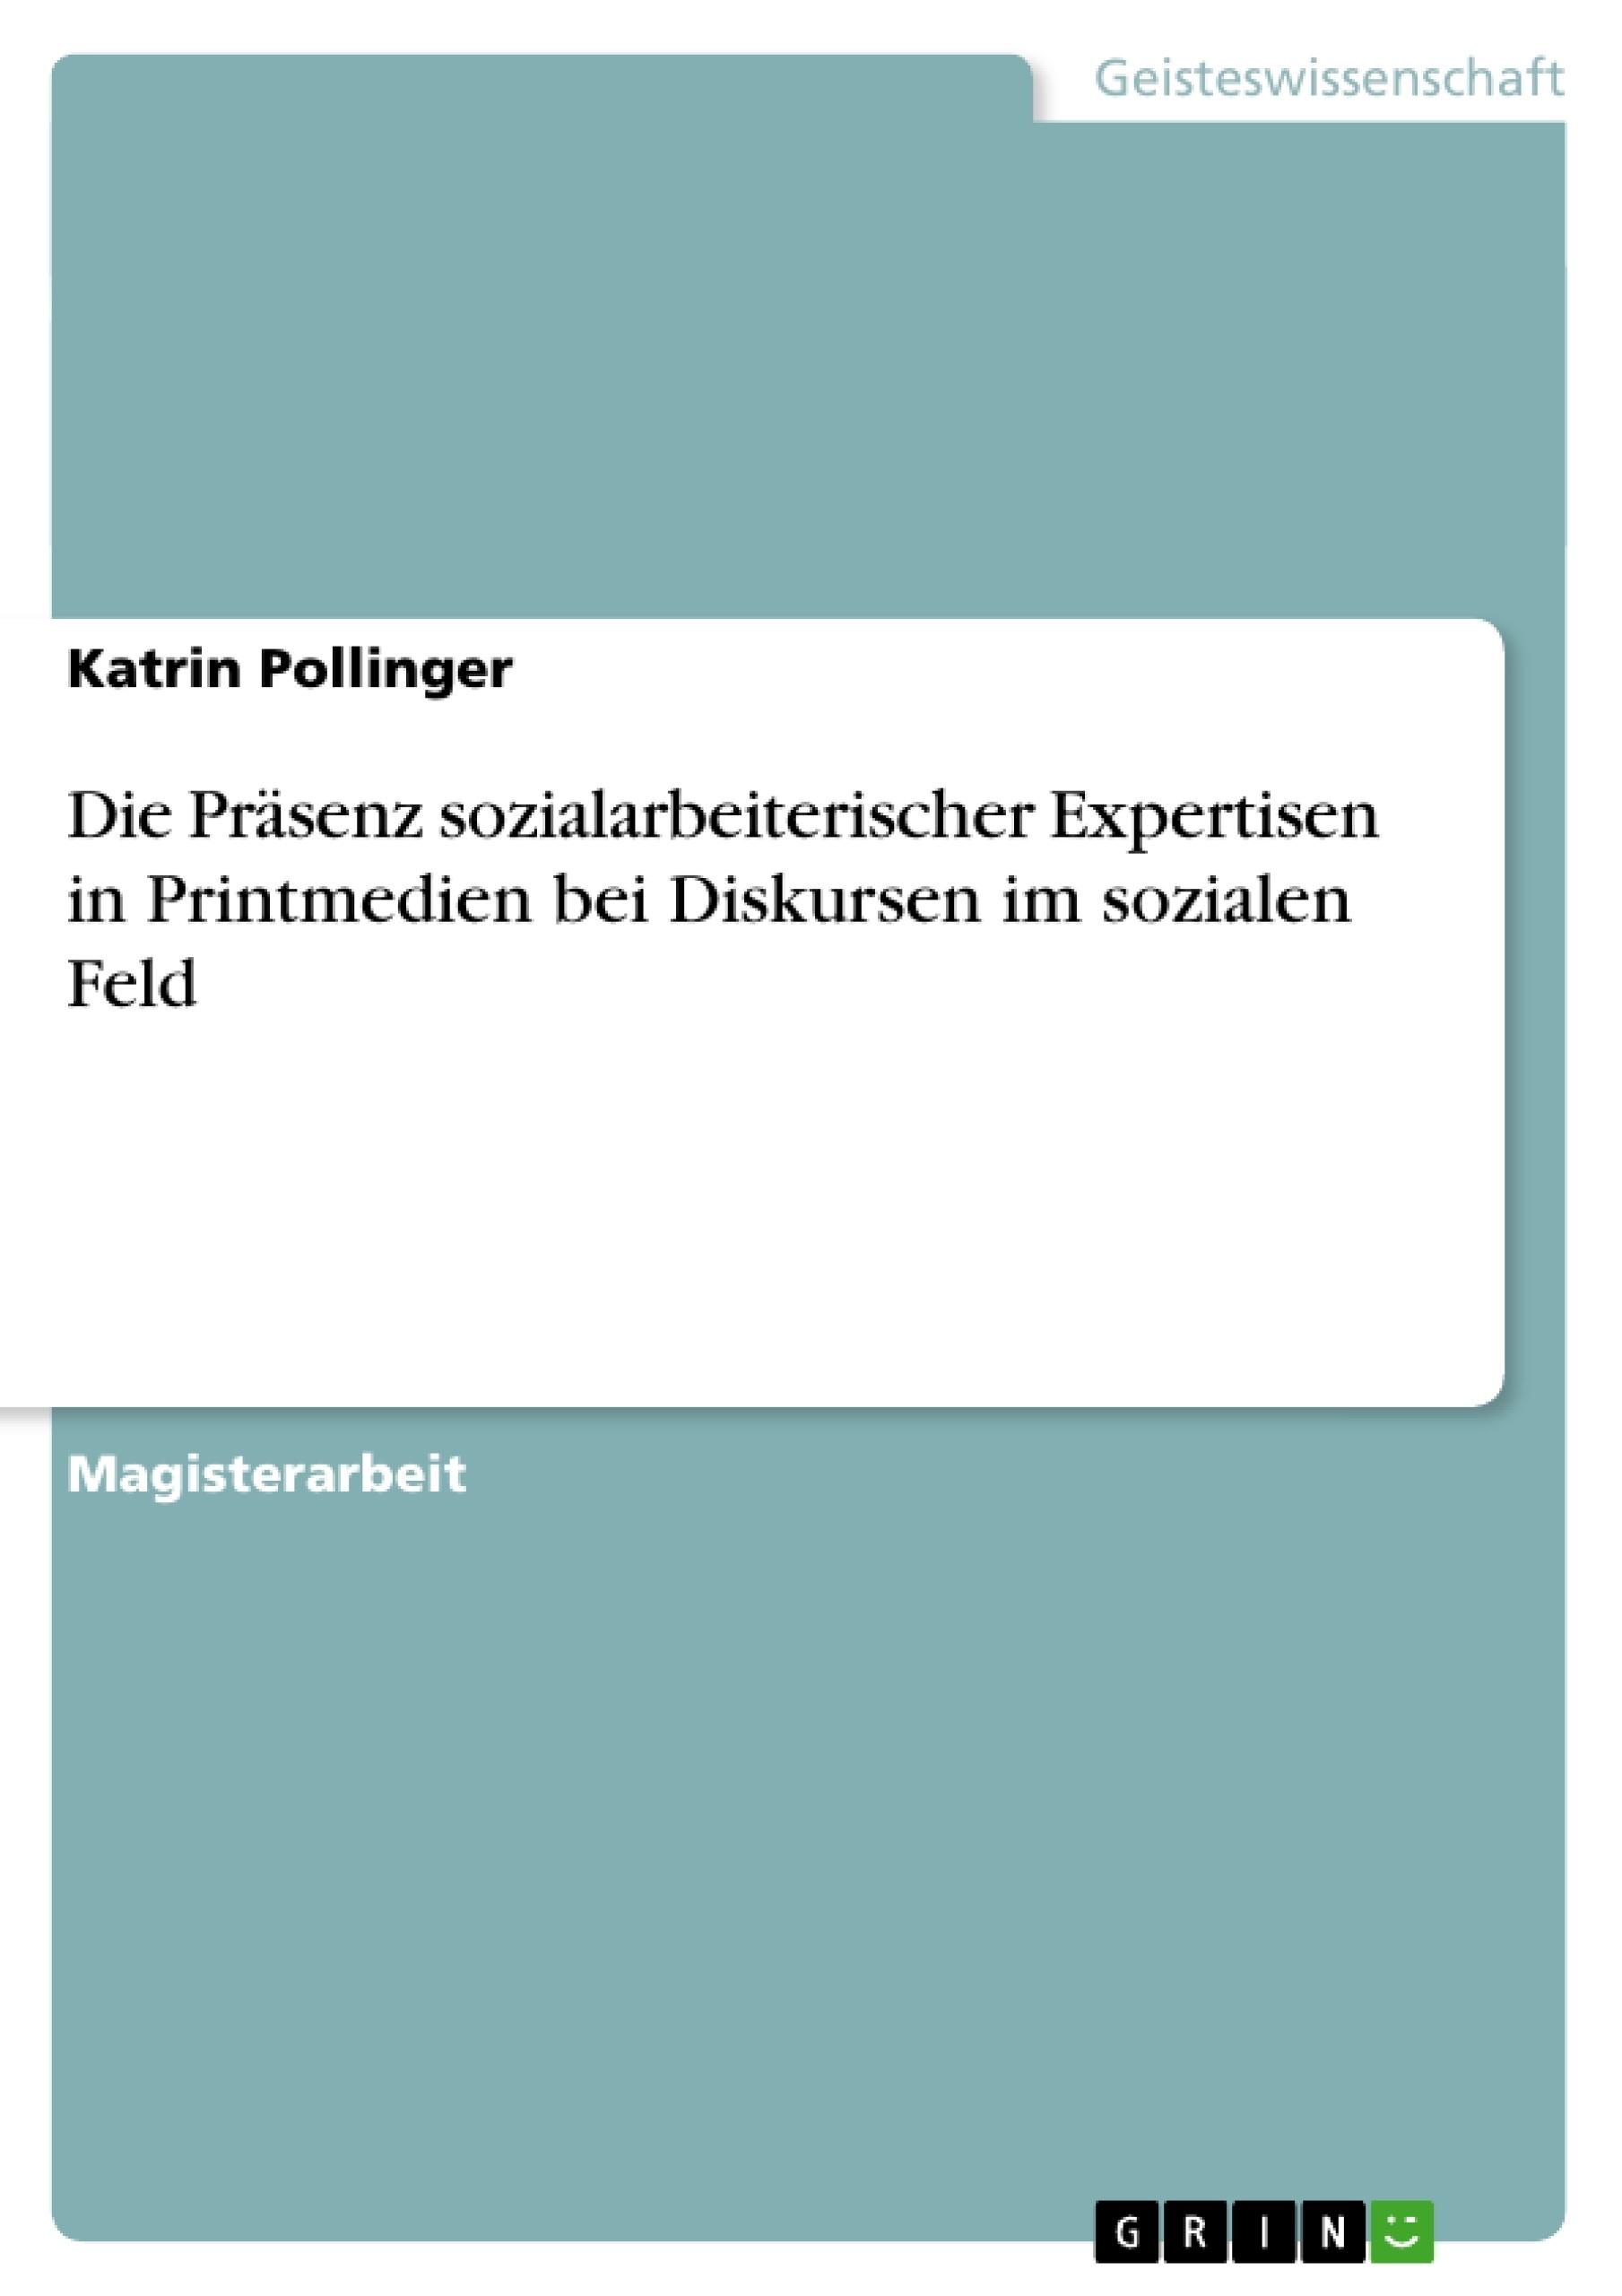 Titel: Die Präsenz sozialarbeiterischer Expertisen in Printmedien bei Diskursen im sozialen Feld